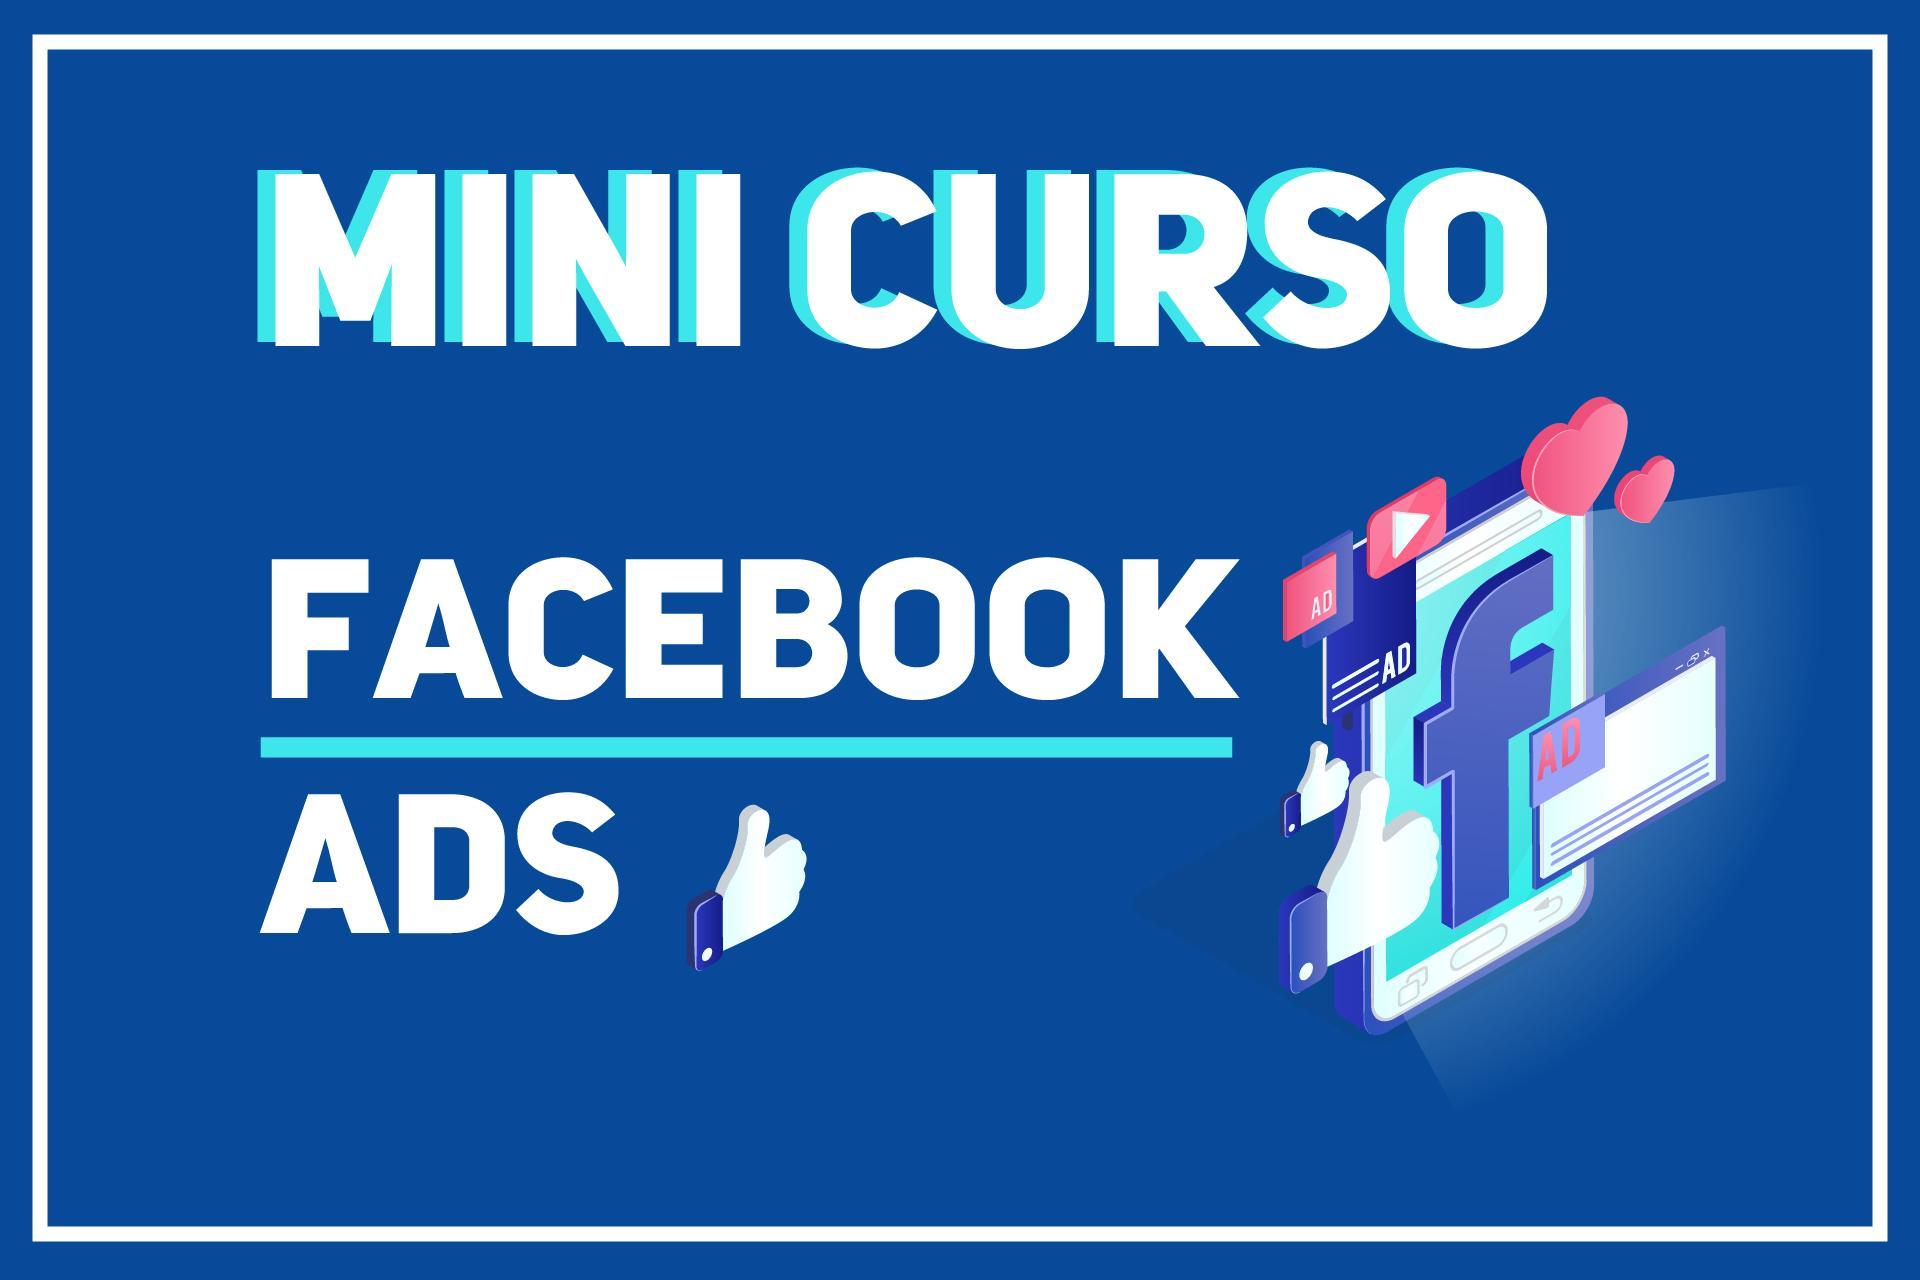 CURSO GRÁTIS DE FACEBOOK ADS PARA NEGÓCIOS